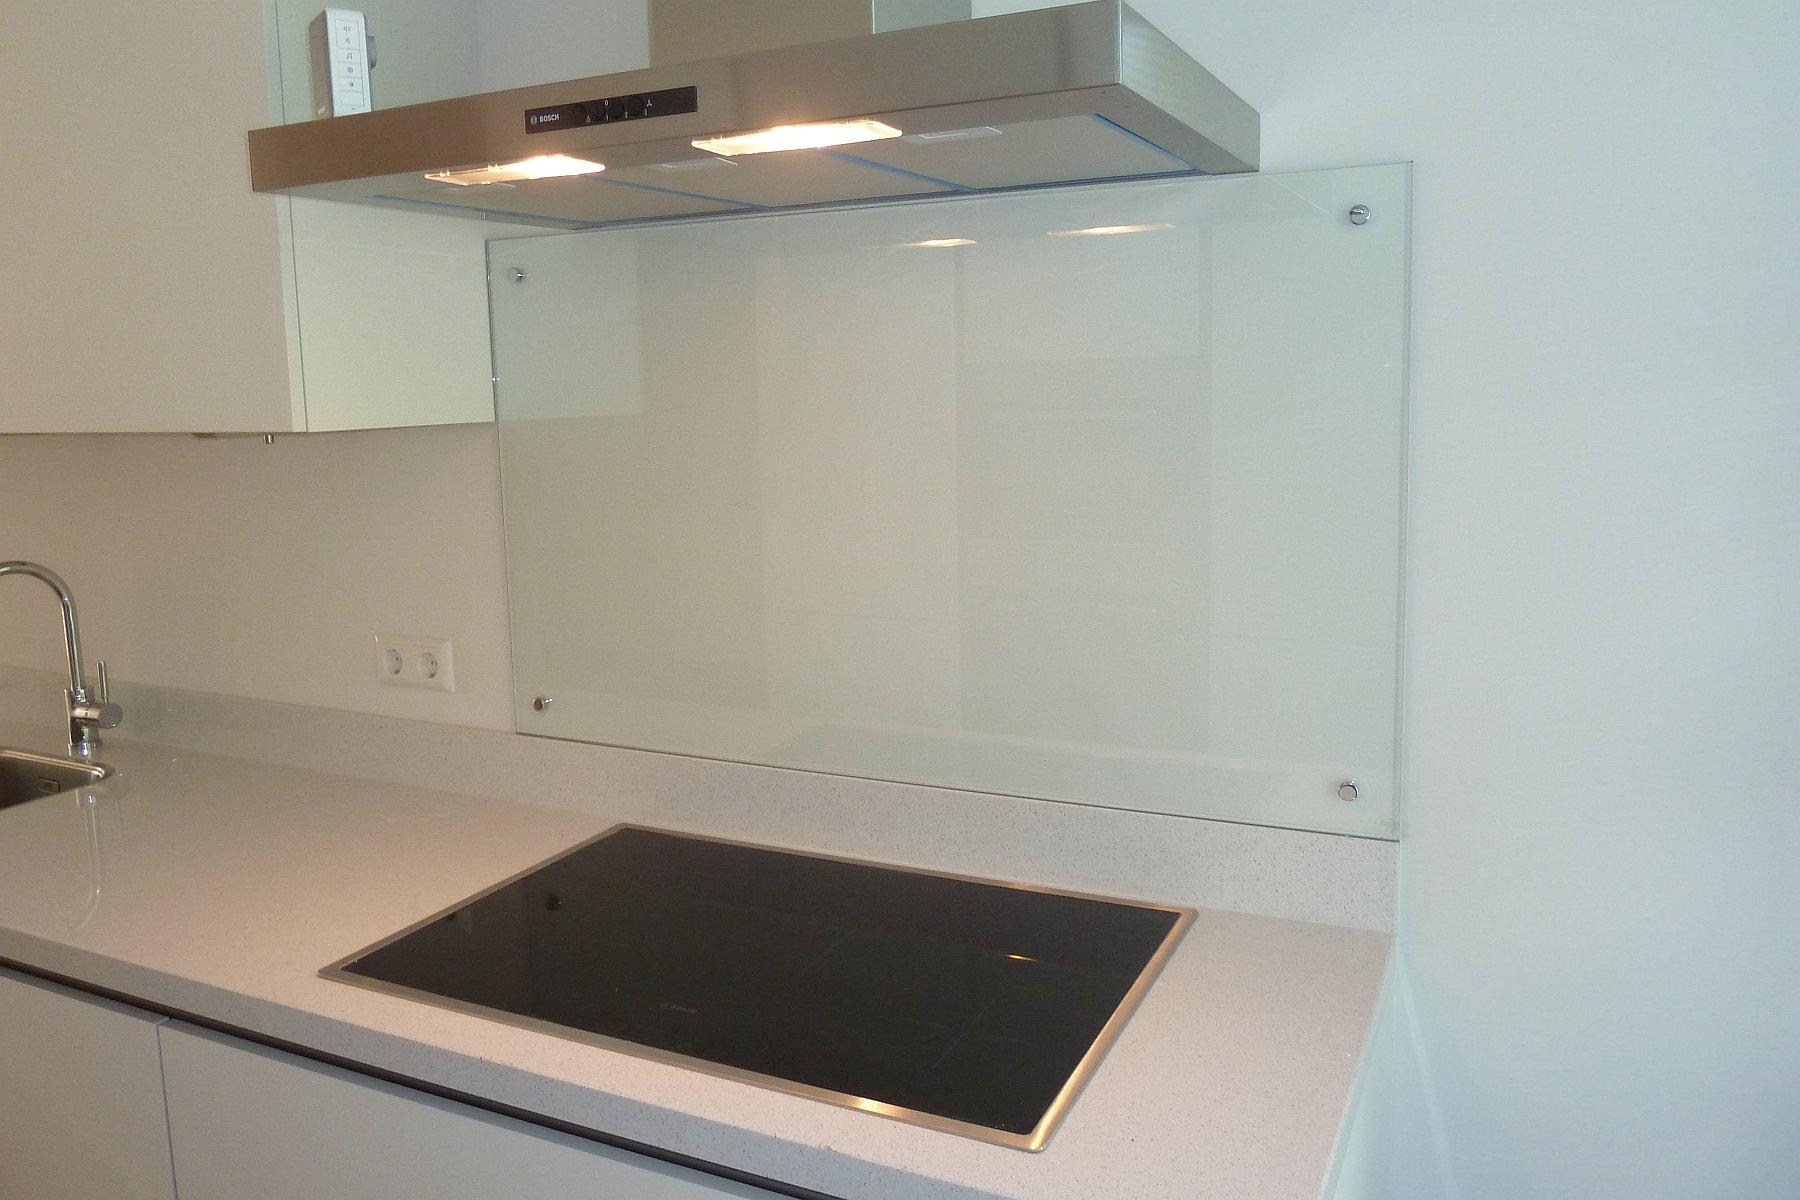 Glazen spatwand plaatsen in keuken den haag